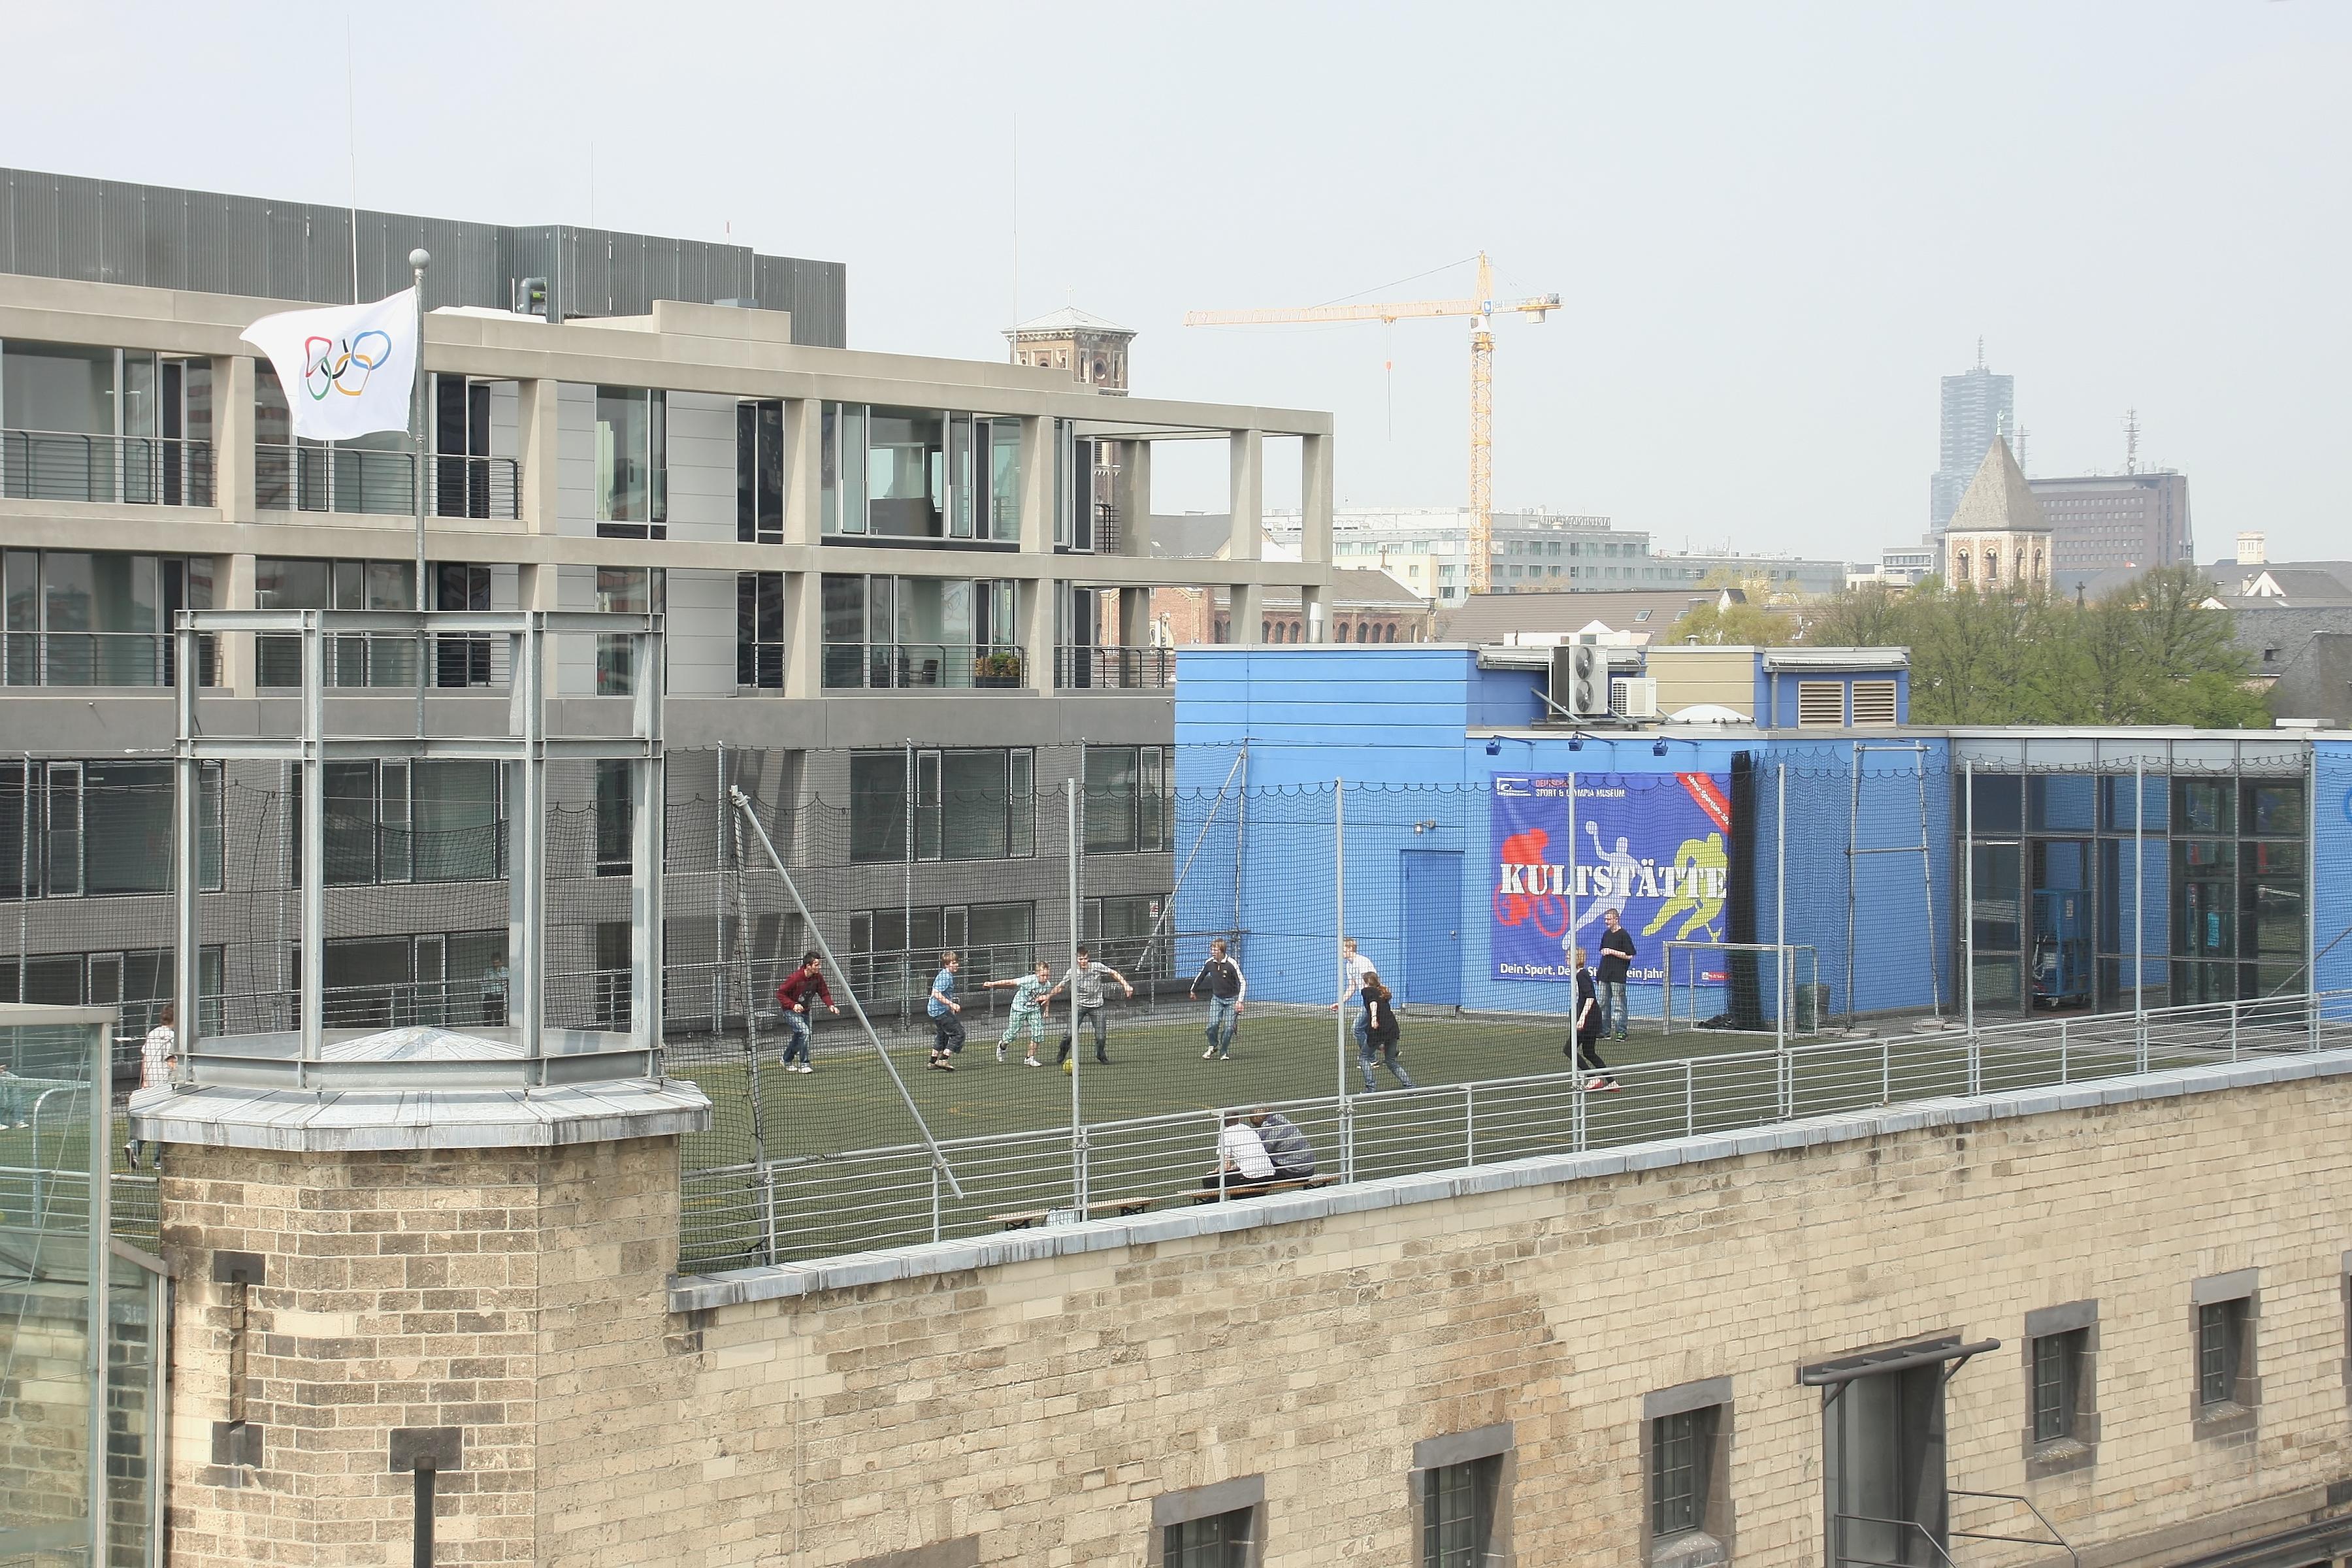 file rheinauhafen sport und olympiamuseum sportplatz auf dem dach 8713 jpg wikimedia. Black Bedroom Furniture Sets. Home Design Ideas